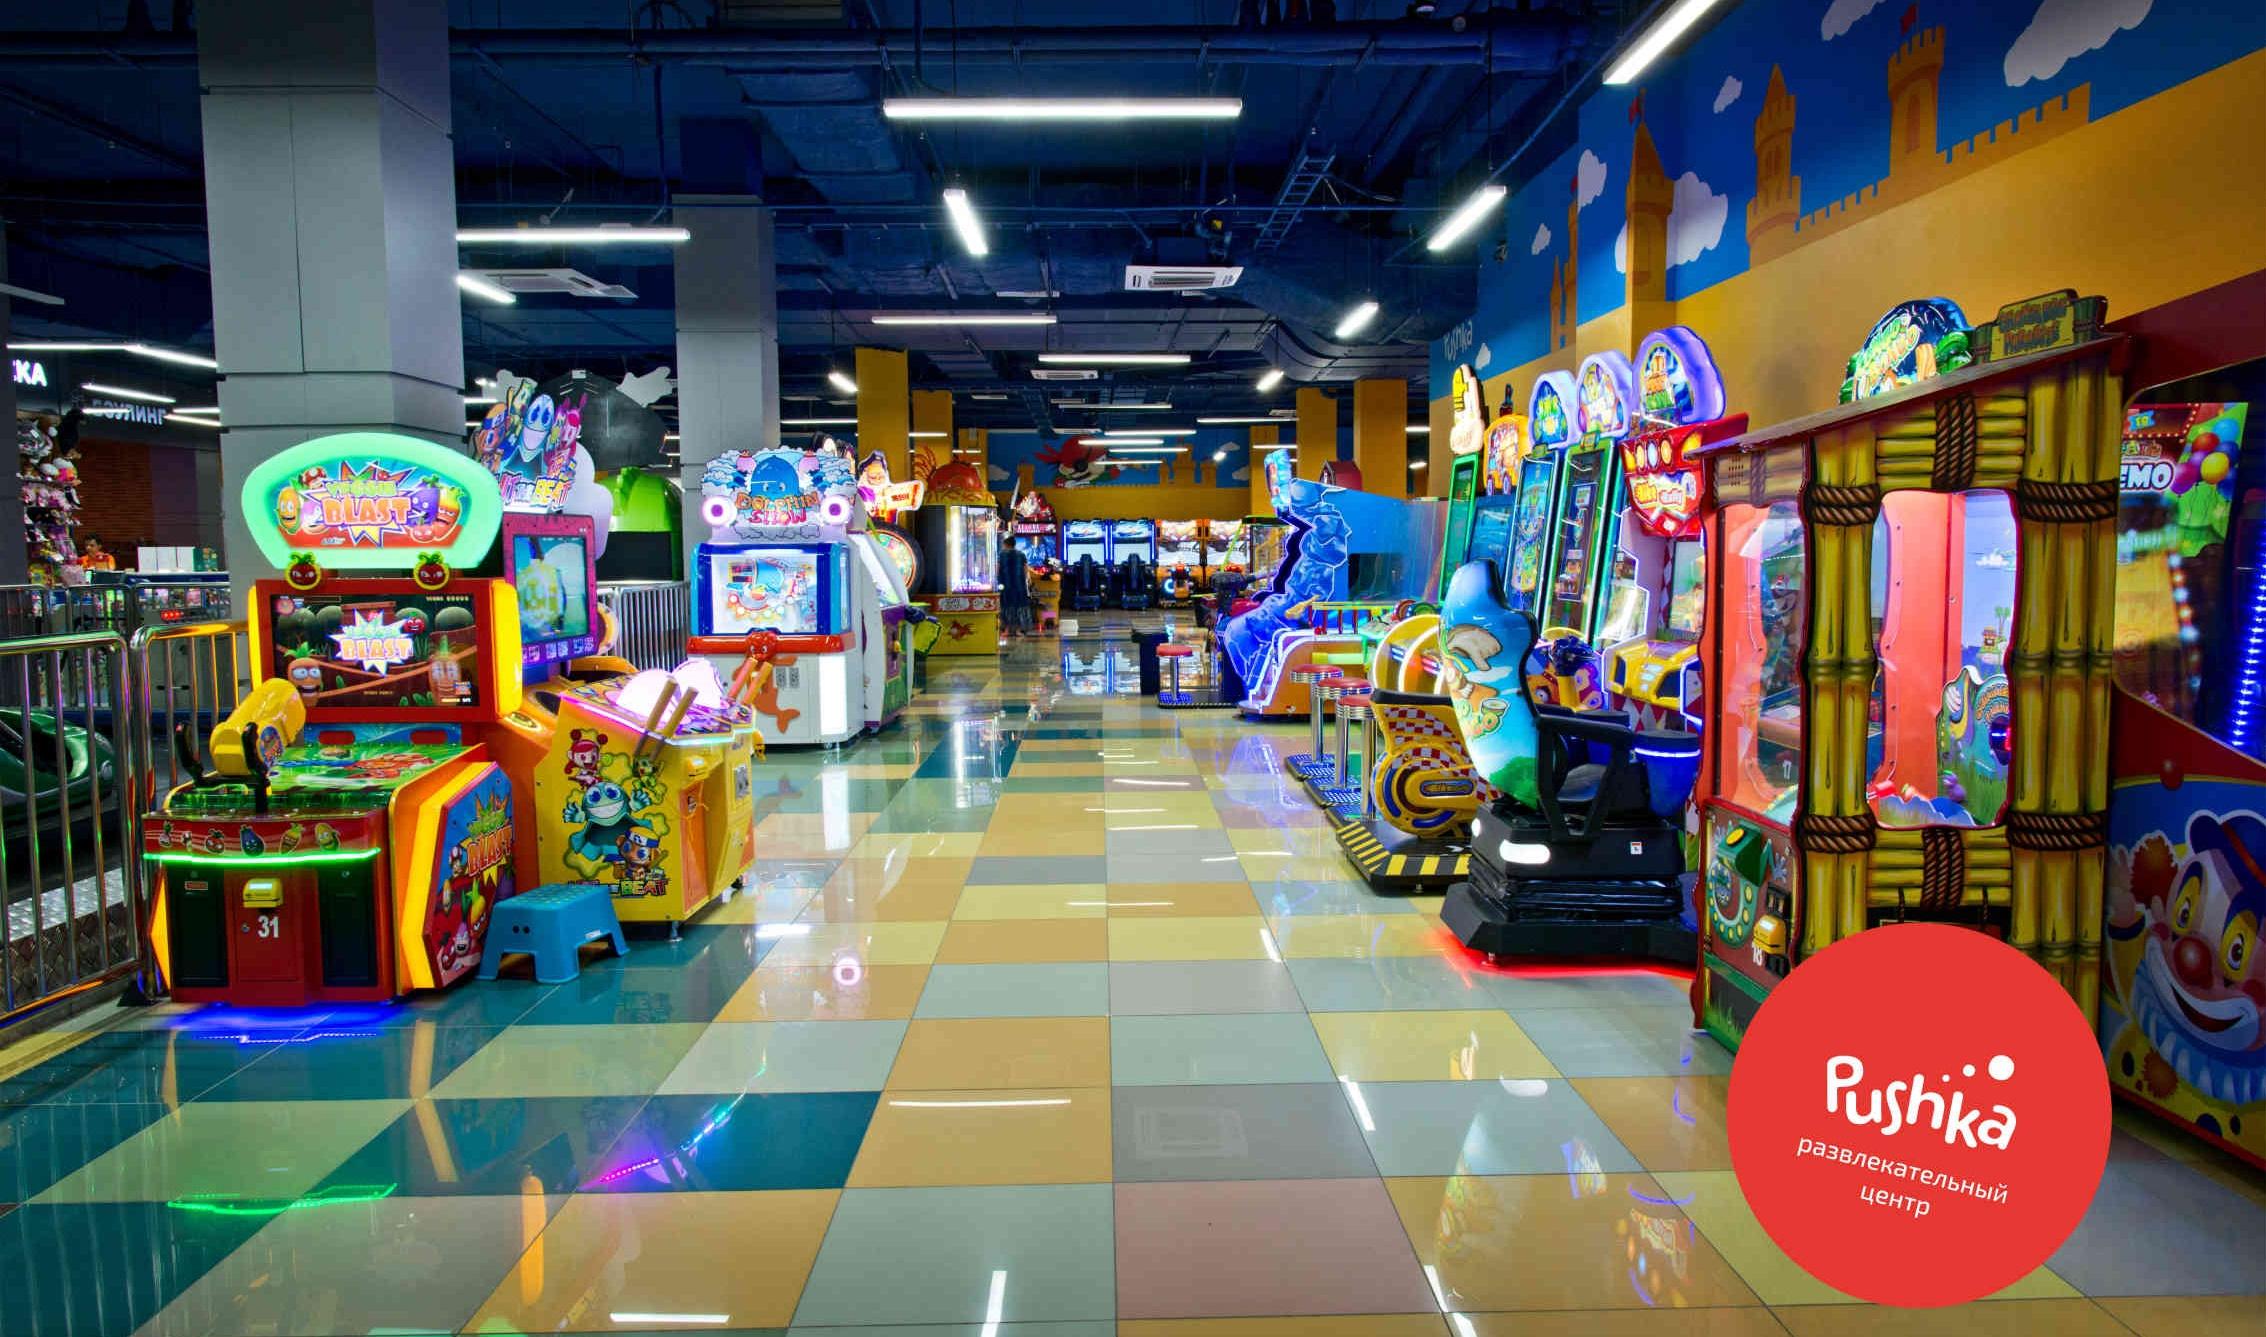 Развлекательный комплекс игровые автоматы атракционы игровые аппараты онлайн играть азартные